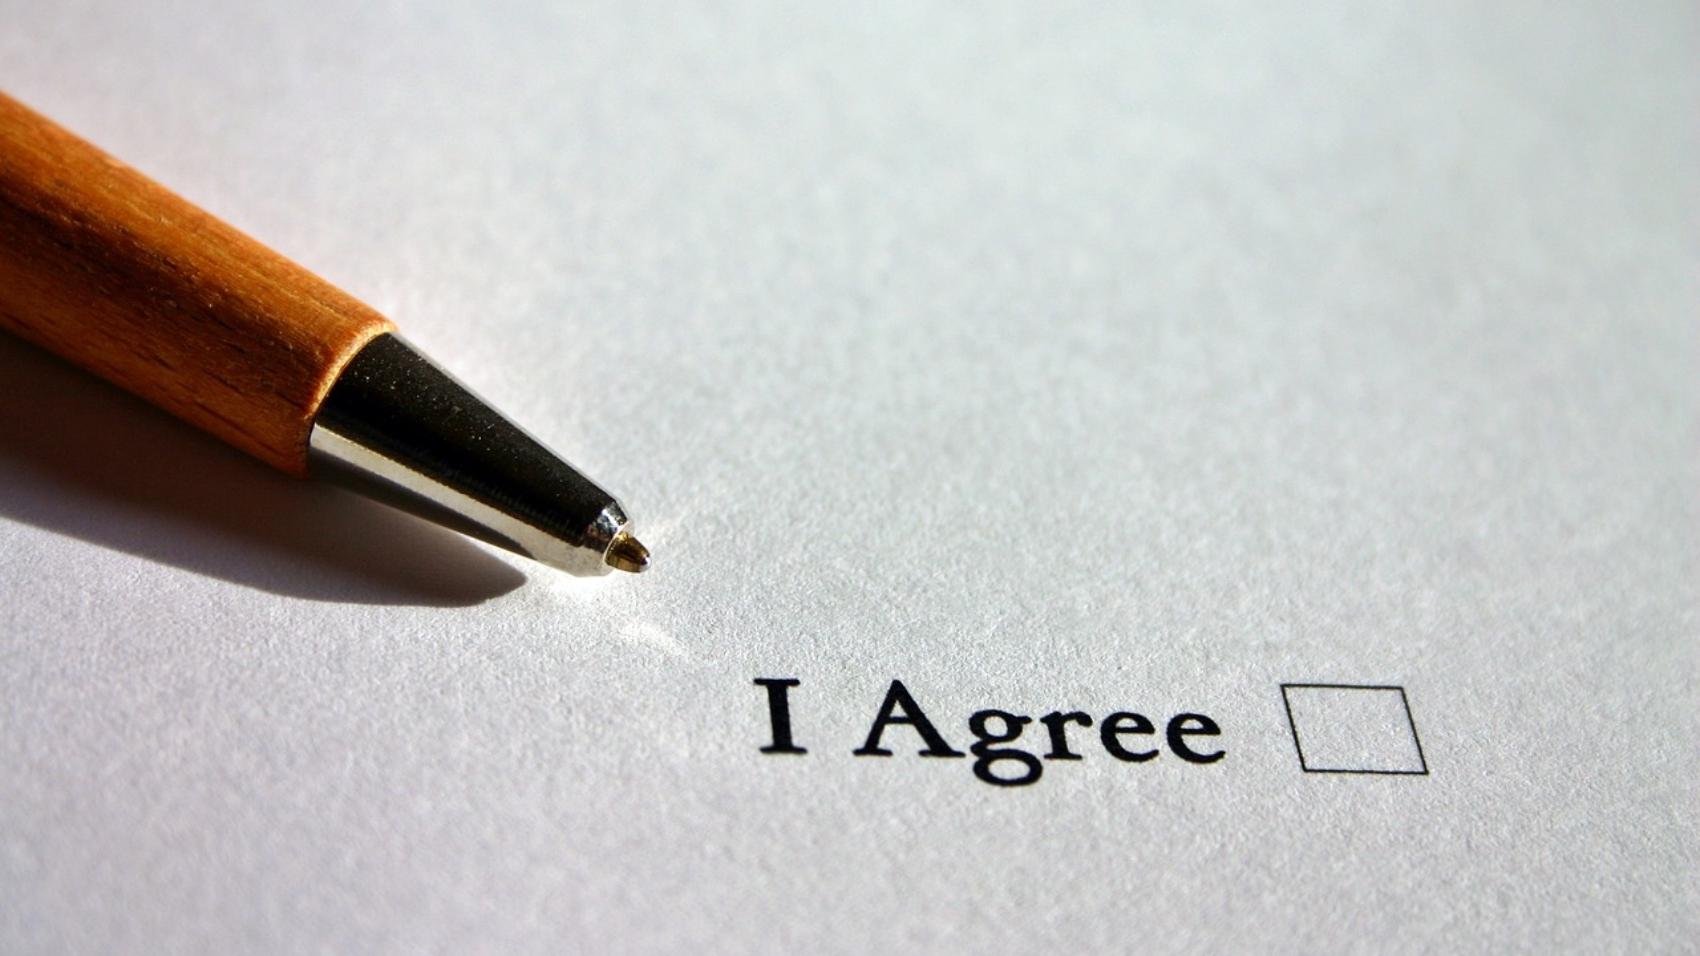 das-einigungsprotokoll-kfz-einigung